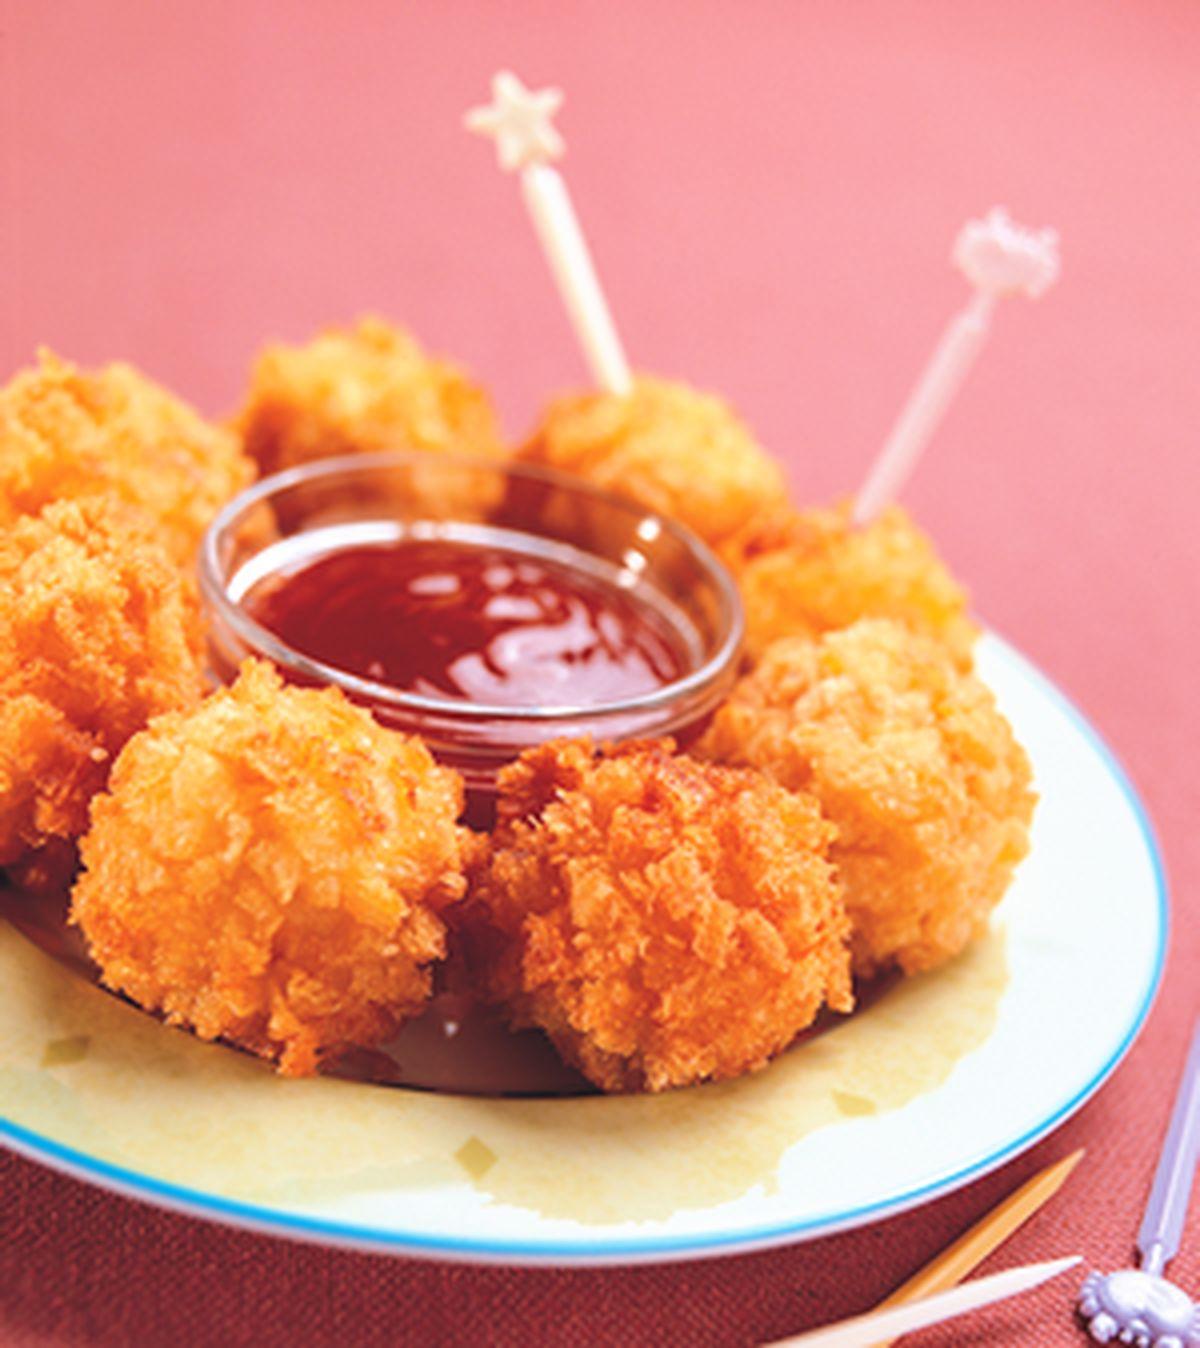 食譜:酥炸海鮮丸